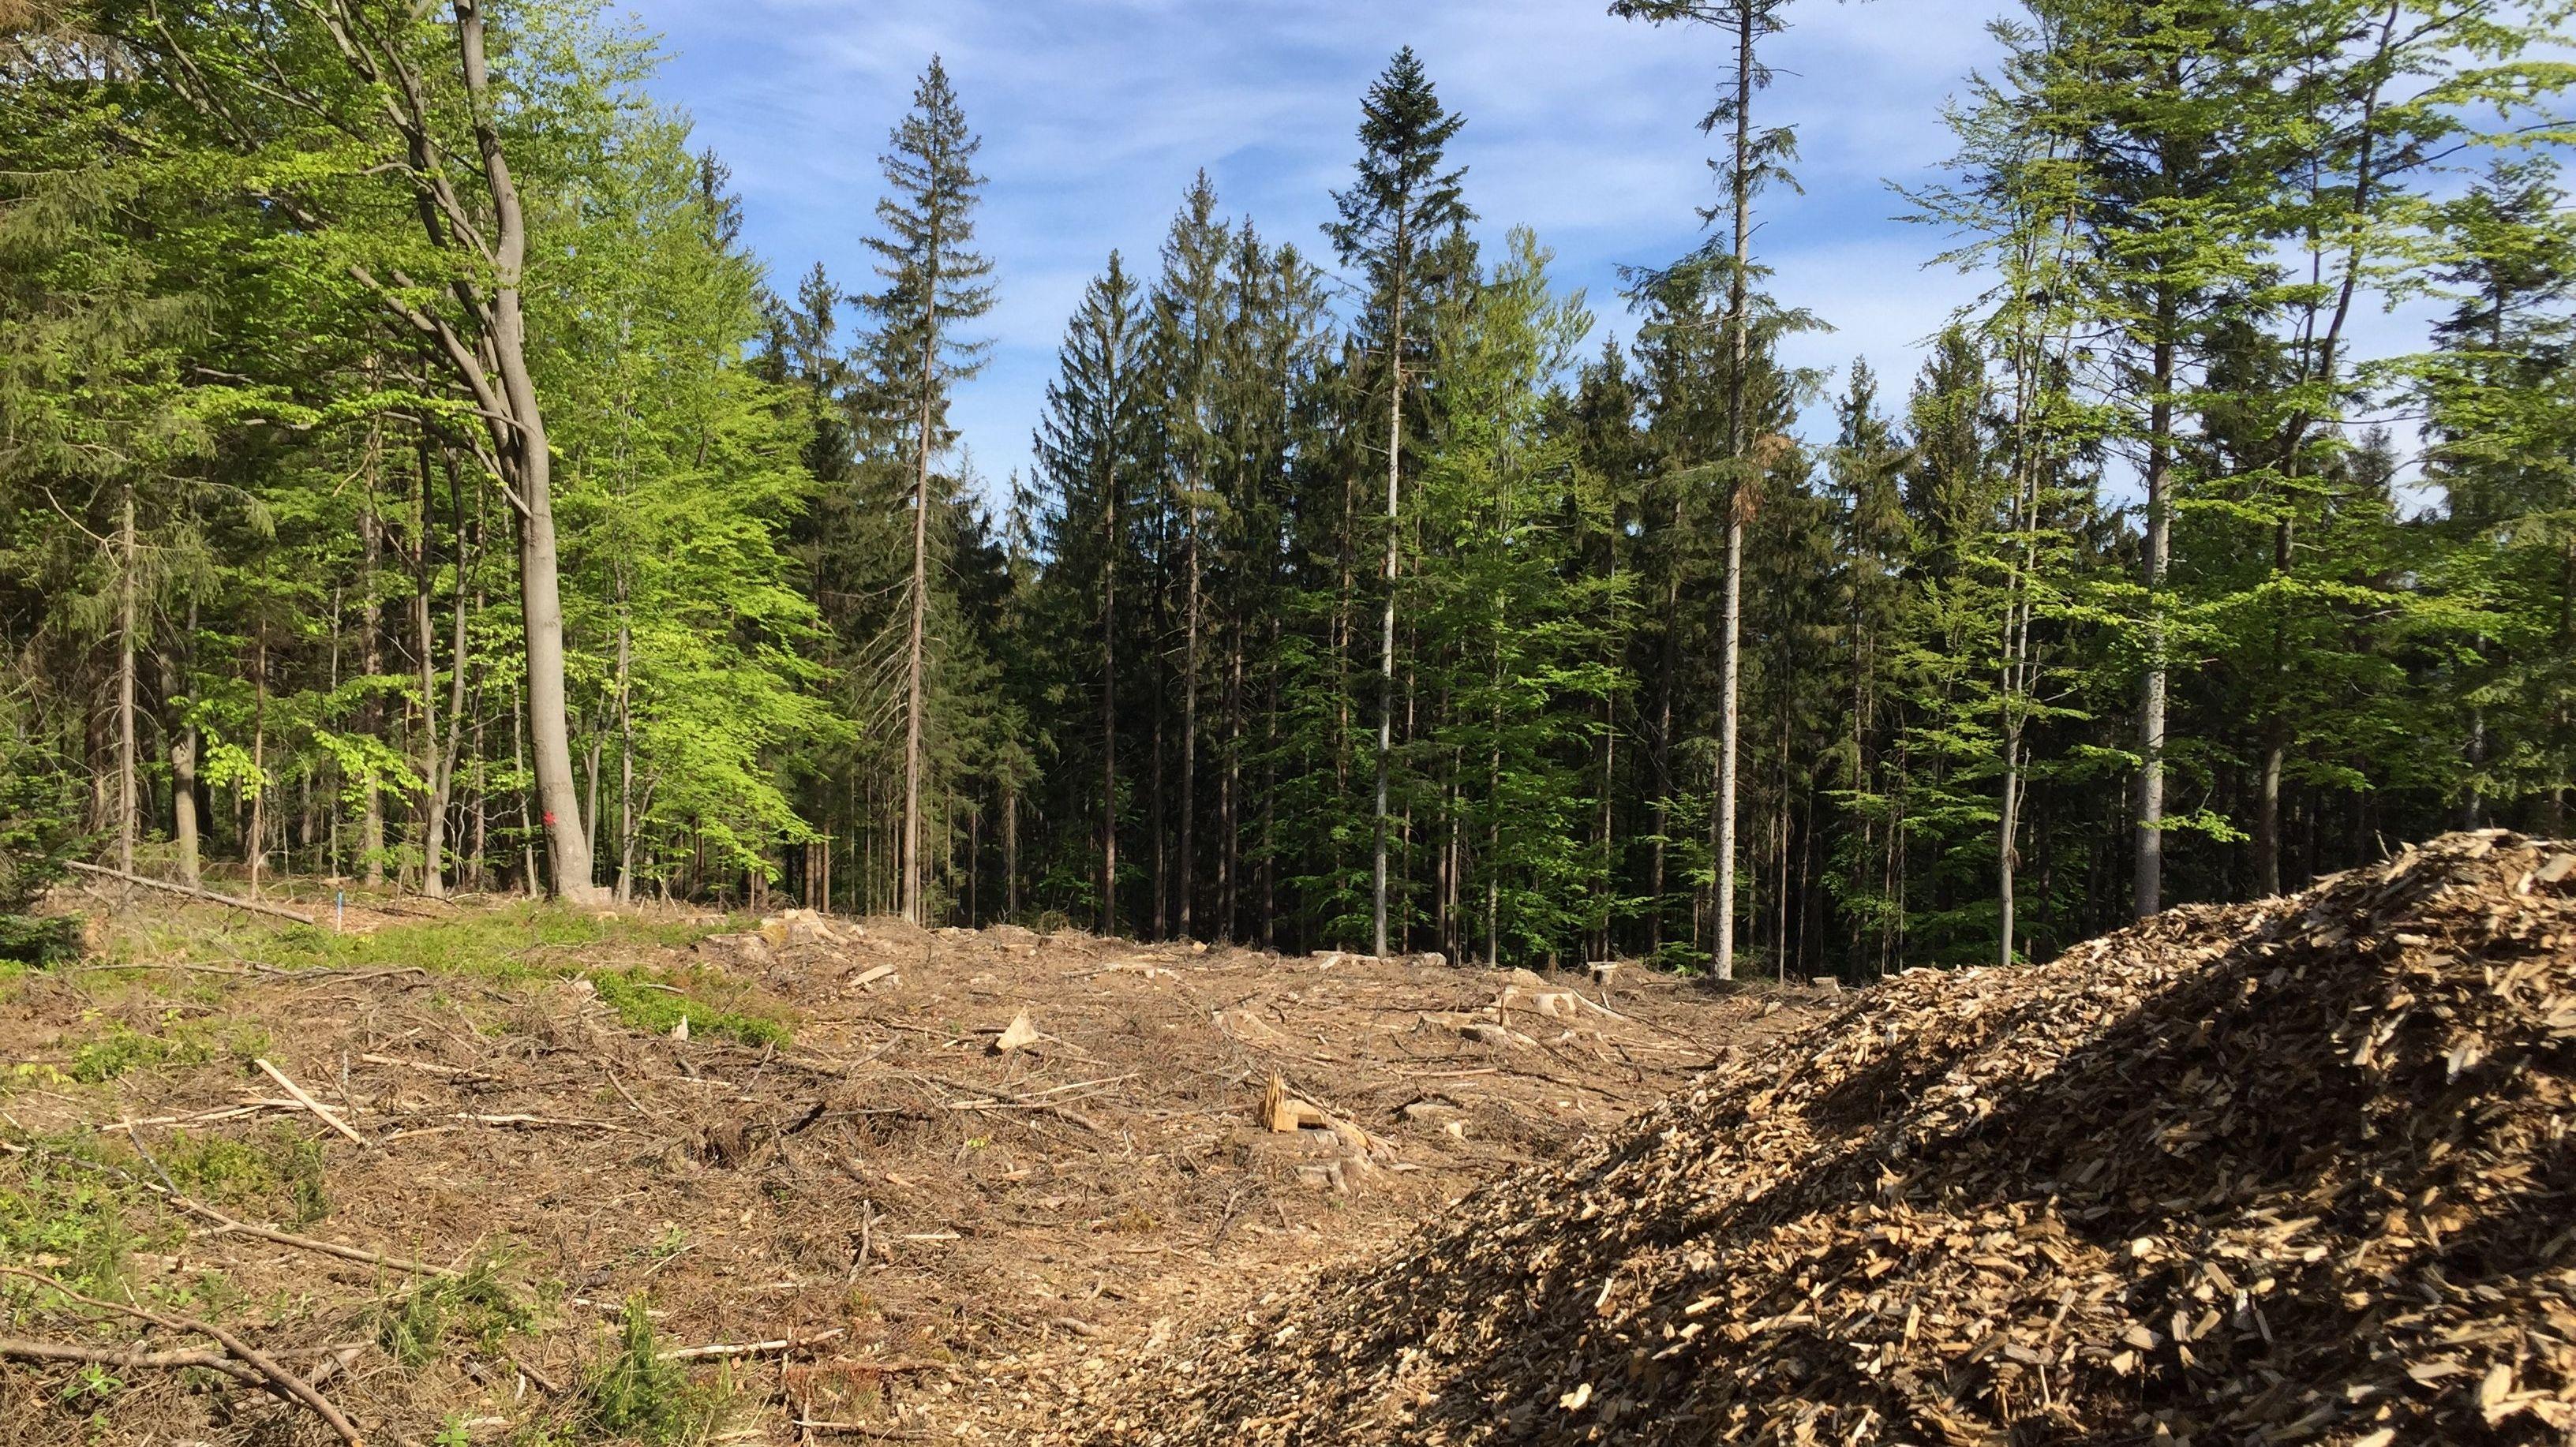 Die durch Käfer entstandene Kahlfläche eines einstigen Fichtenwalds bei Langdorf